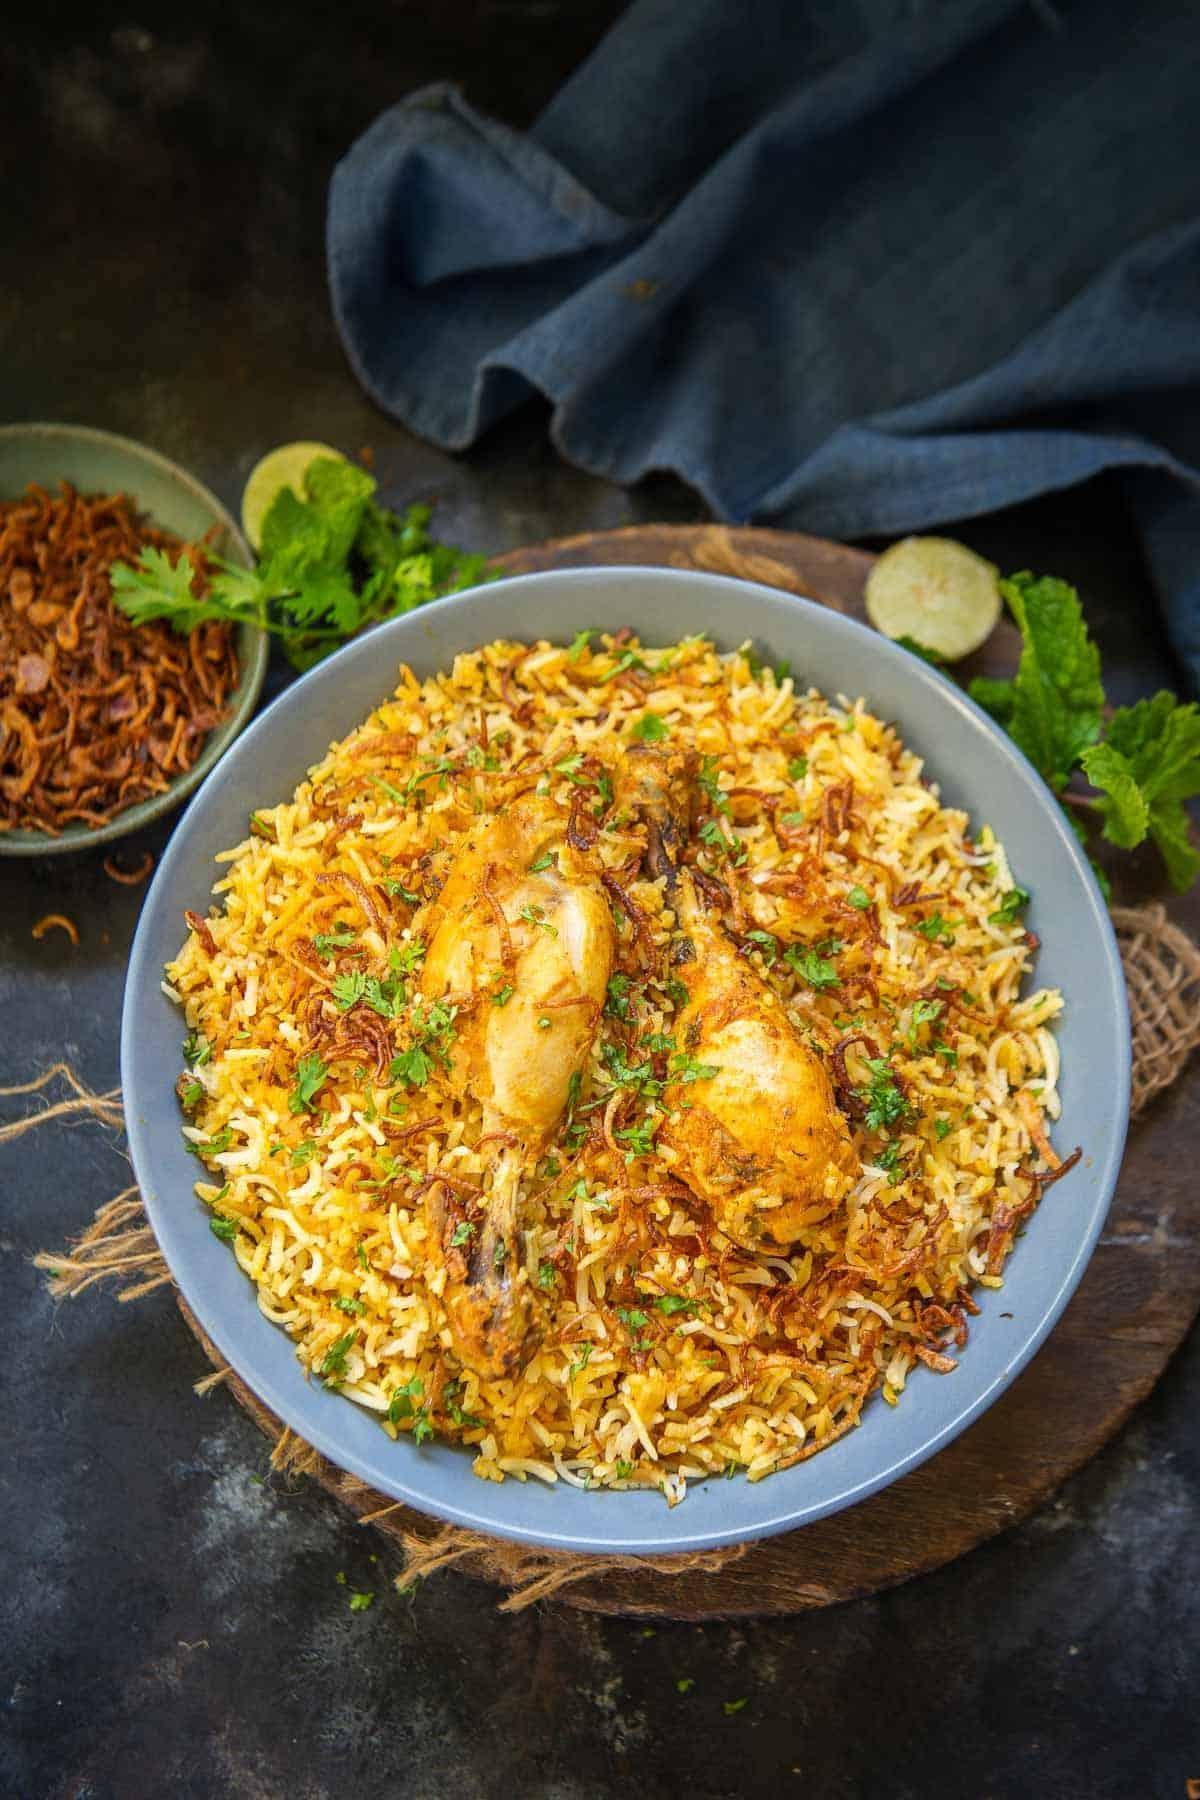 Hyderabadi chicken served in a bowl.